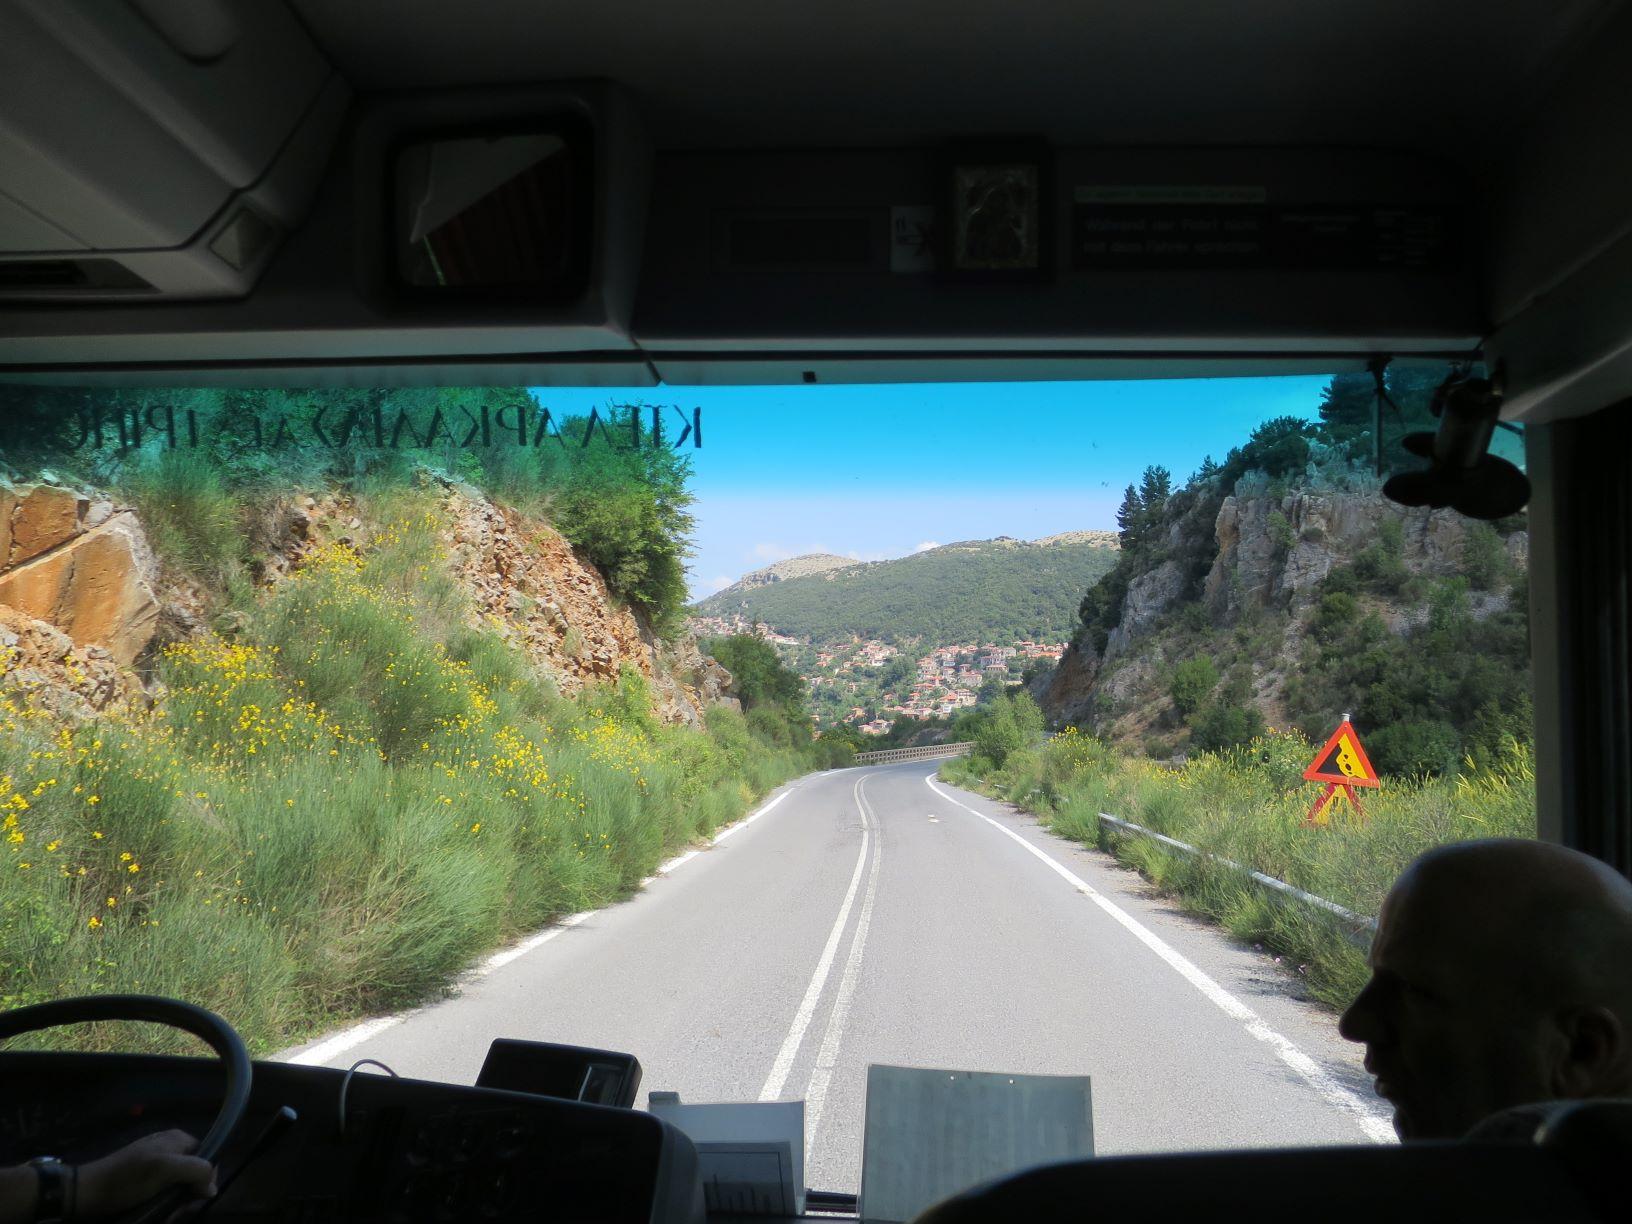 アルカディアを通るオリンピアへのバスの車窓